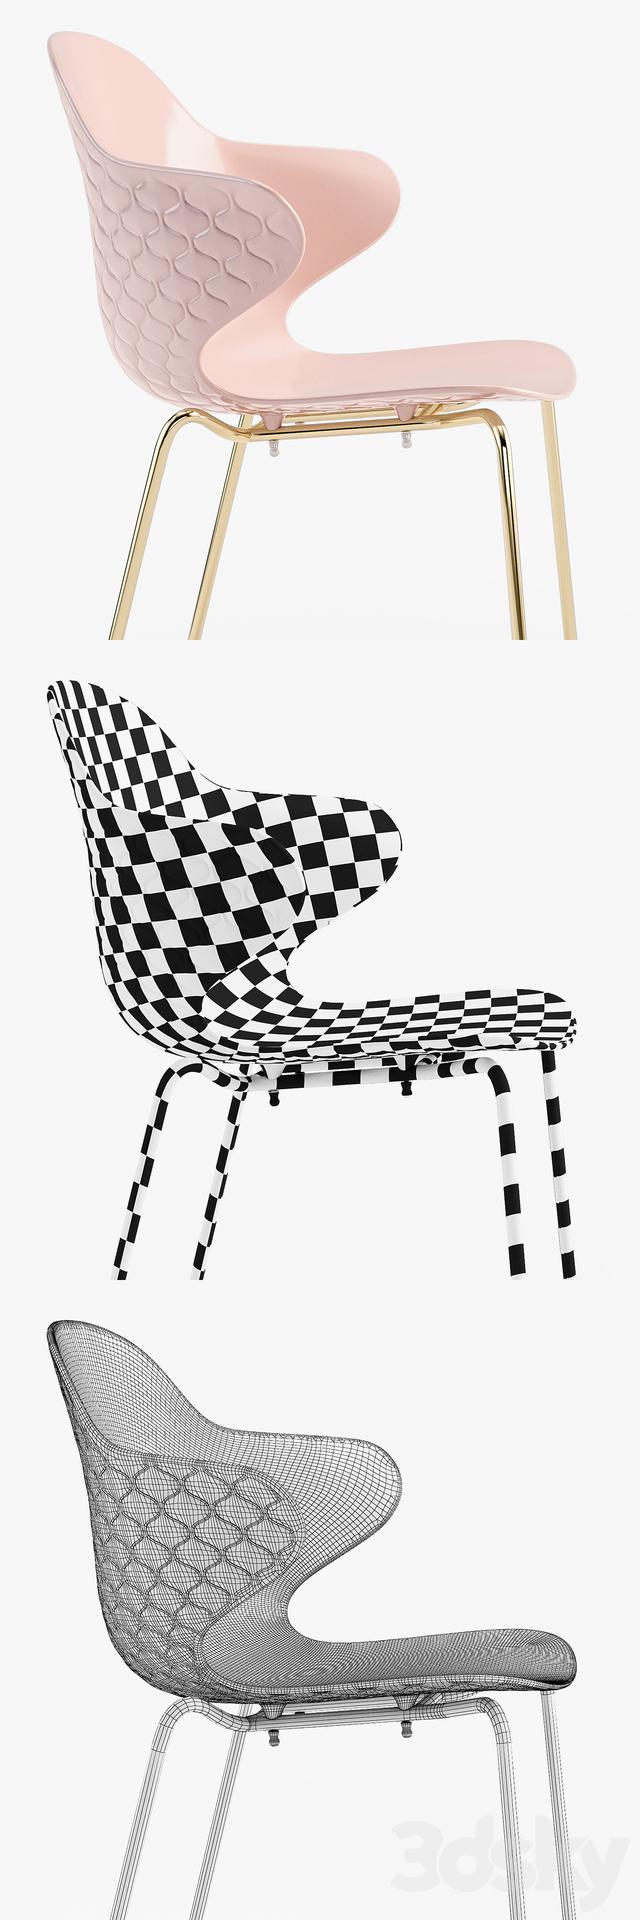 3d models chair calligaris saint tropez chair for Calligaris saint tropez